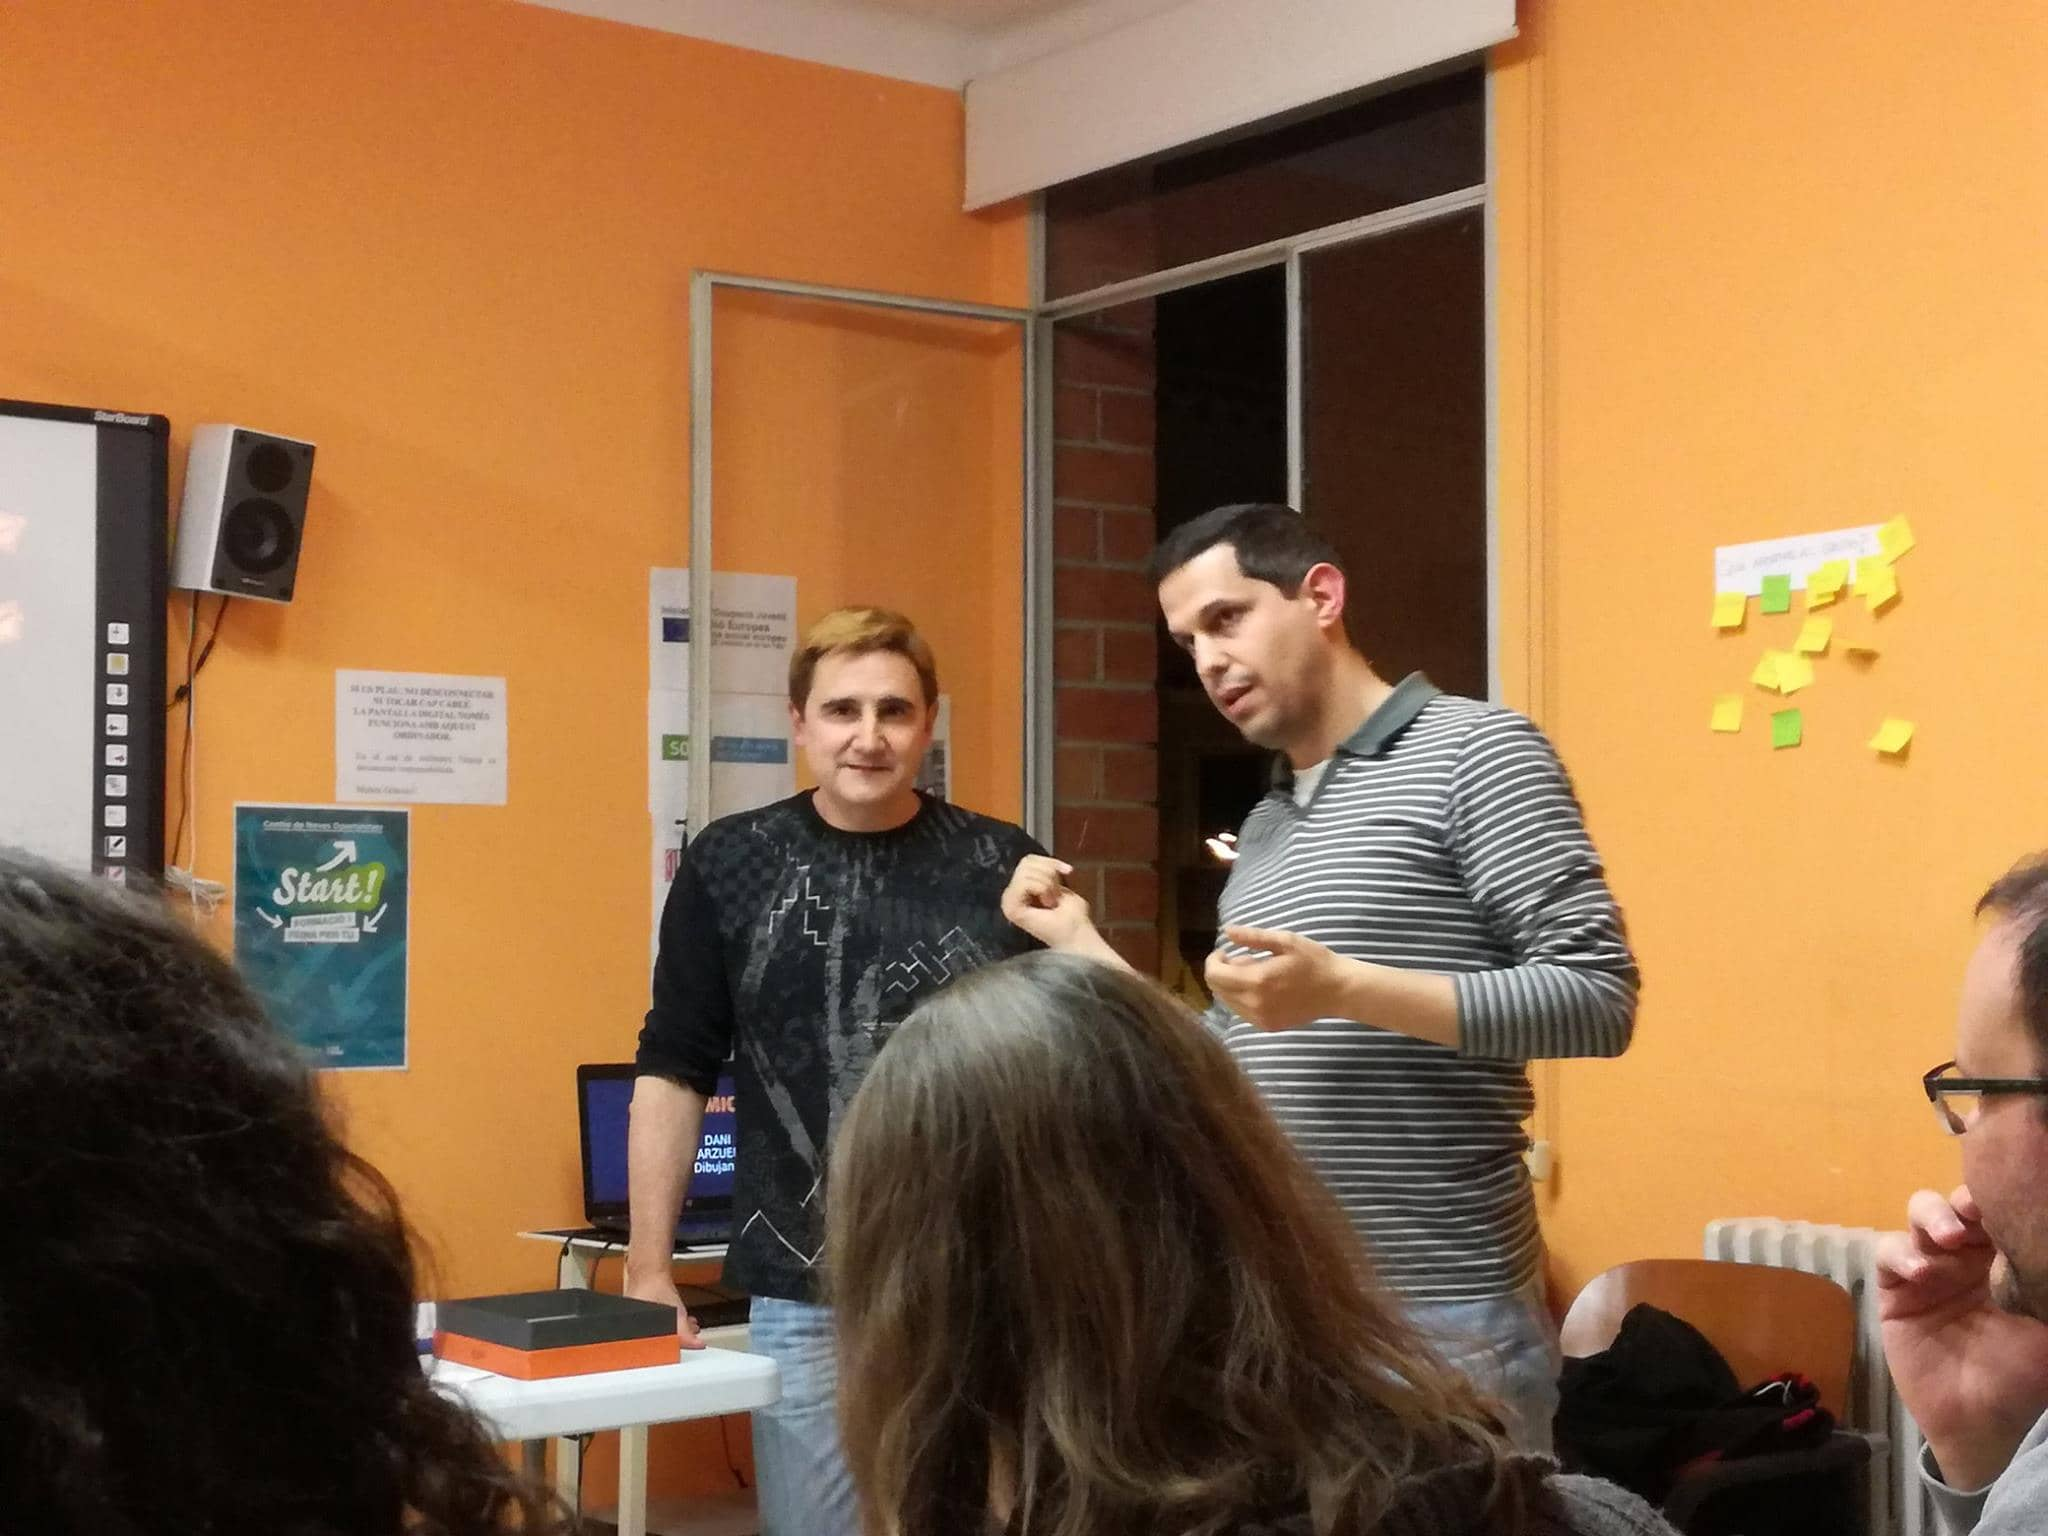 JAR y ZAR hablando sobre el proceso creativo de los cómics